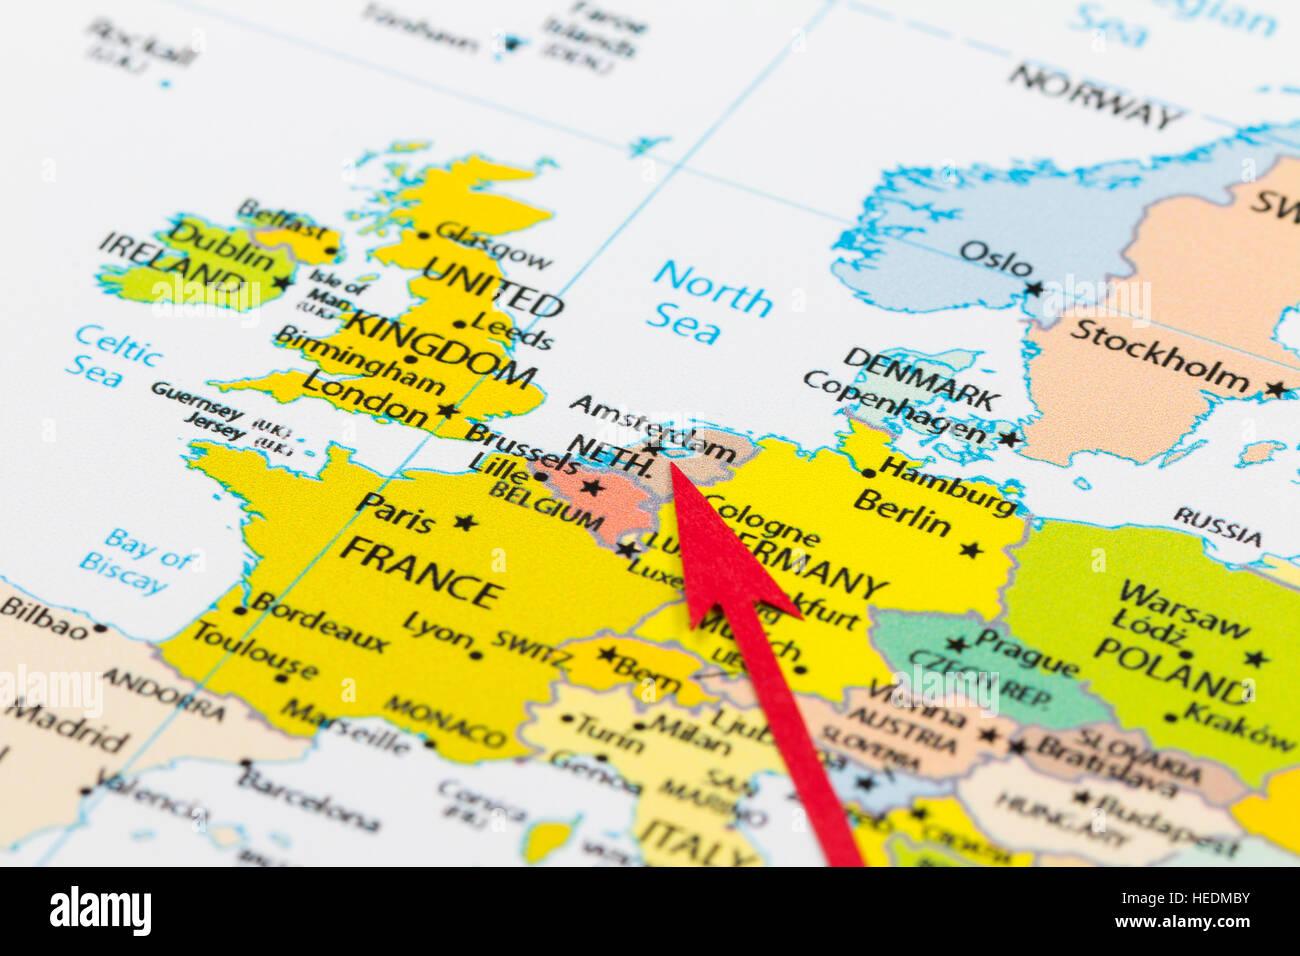 Carte Europe Pays Bas.Fleche Rouge Pointant Pays Bas Sur La Carte De L Europe Continent